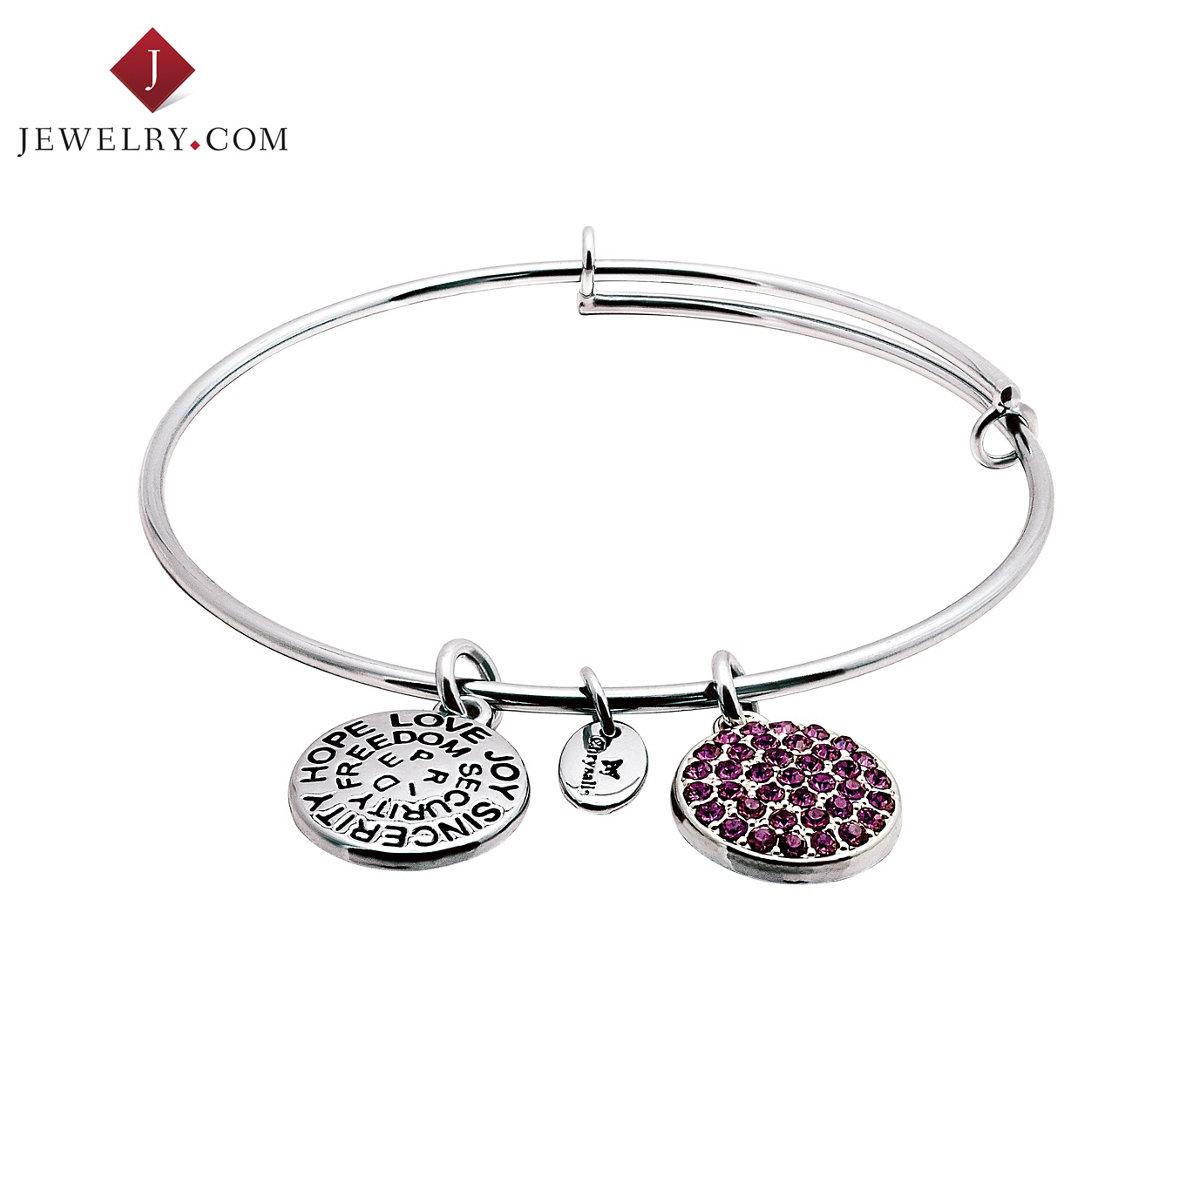 Chrysalis удачи серия серебро тонкий срез женский браслет мозаика фиолетовый сваровски мир странный элемент кристалл